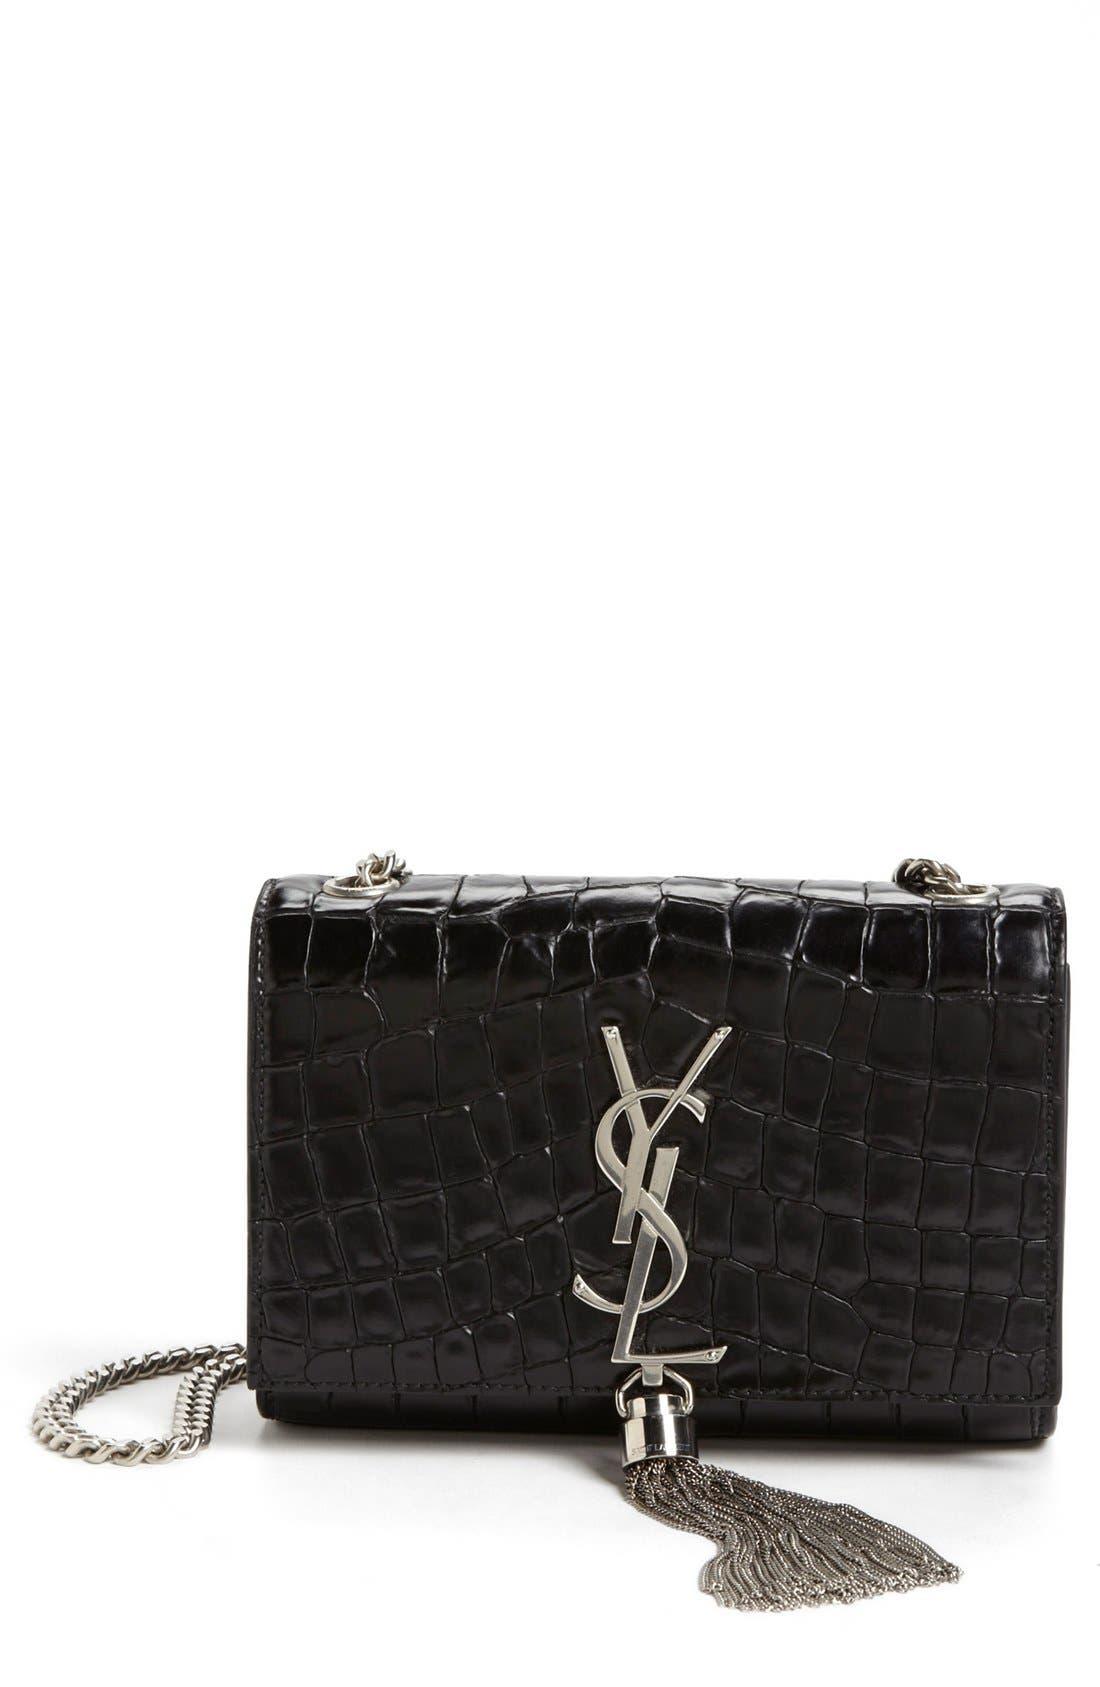 Main Image - Saint Laurent 'Cassandre' Shoulder Bag, Small